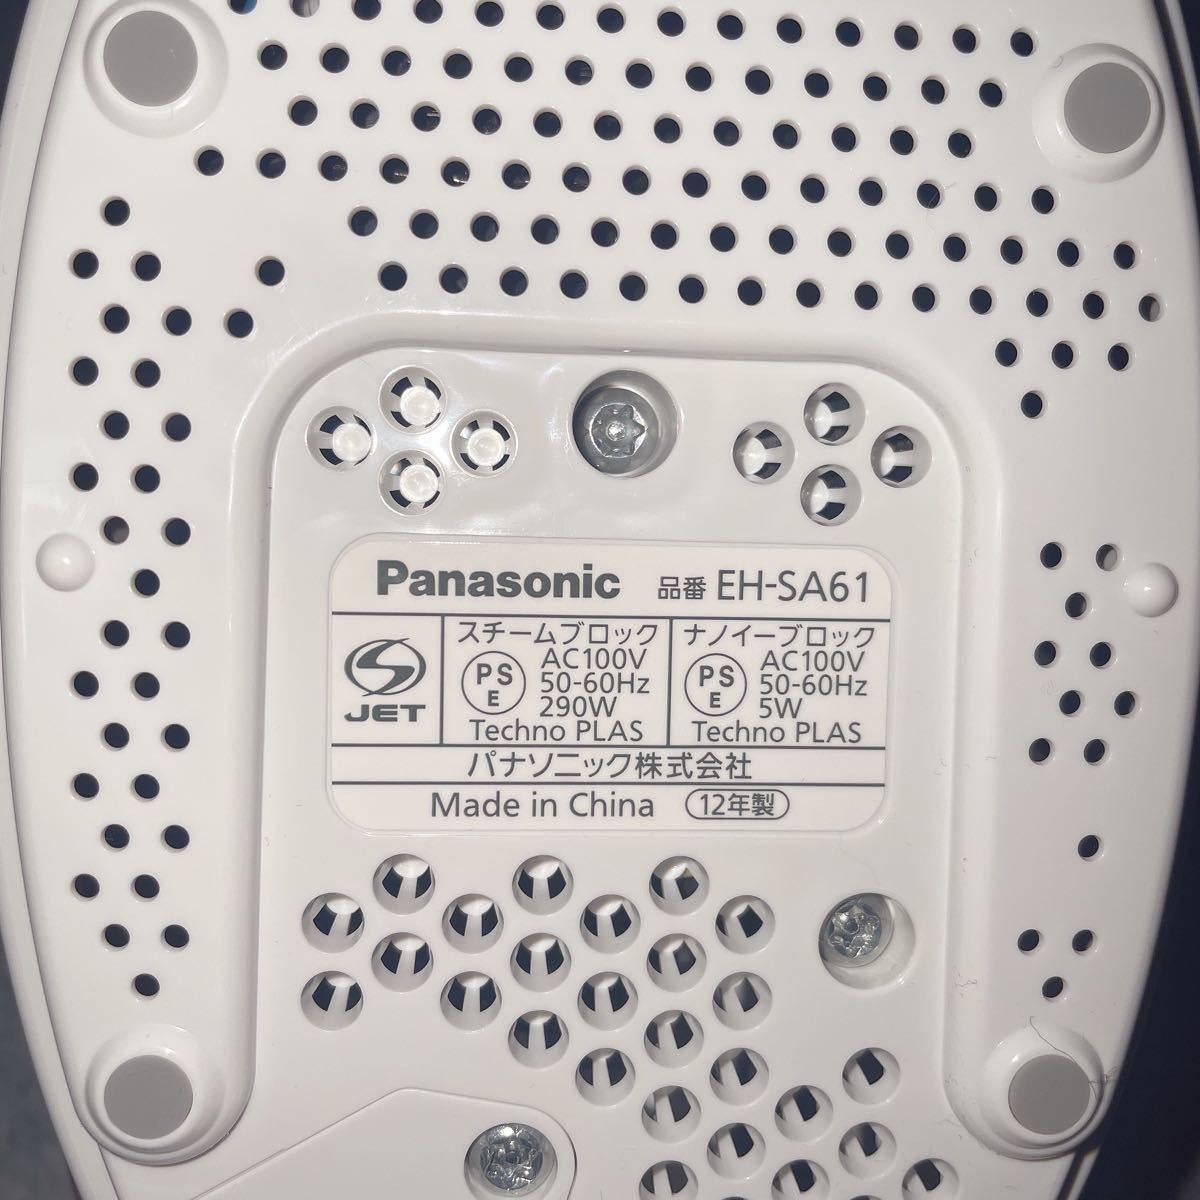 Panasonicパナソニックナノケアスチーマー 美肌 フェイスケア  パナソニックスチーマーナノケア ナノイー